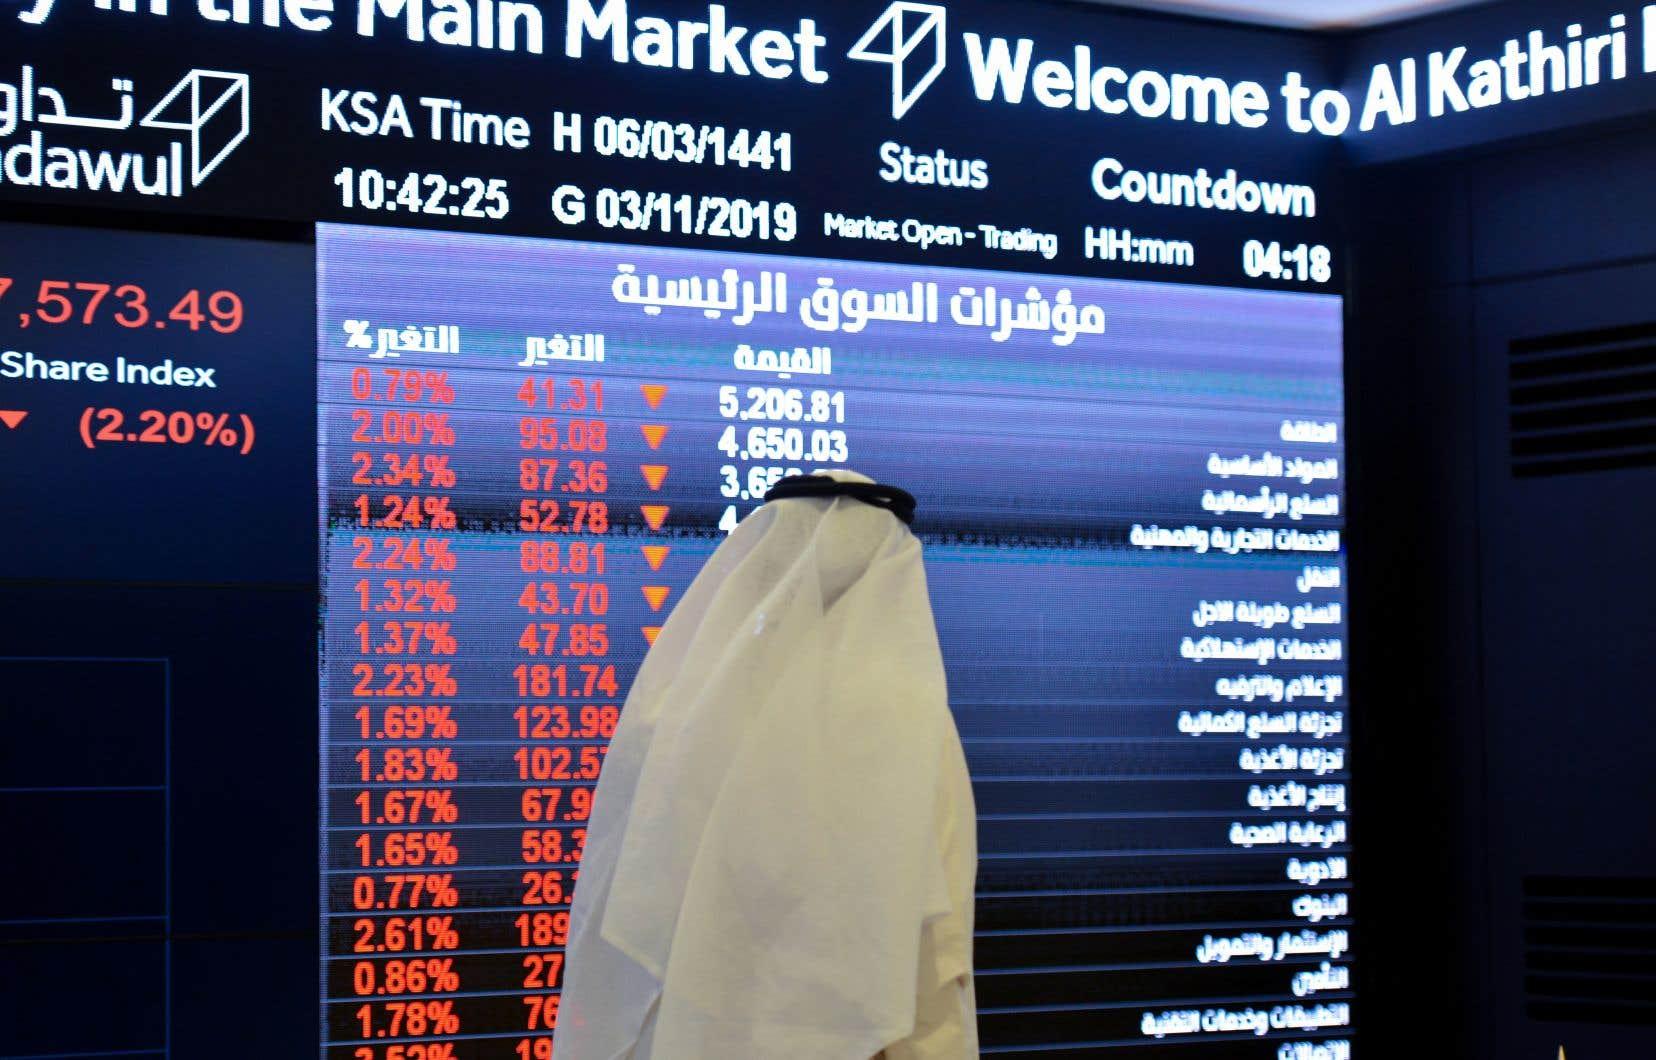 L'Arabie saoudite a estimé que la valorisation de son fleuron national pourrait atteindre 1710 milliards de dollars.